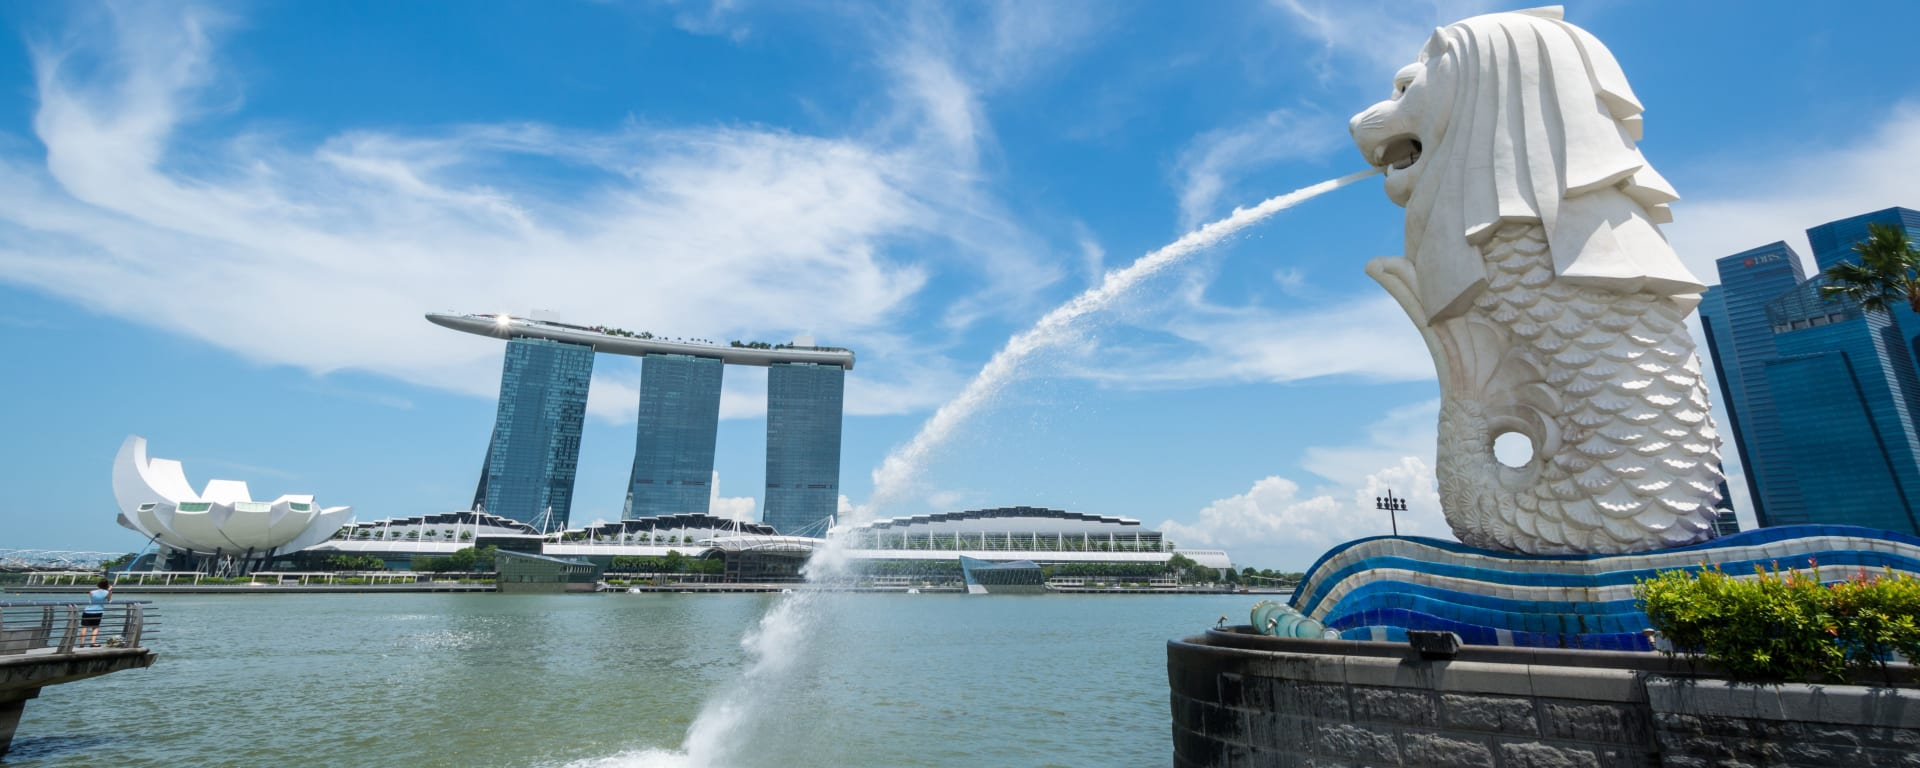 Singapur entdecken mit Tischler Reisen: Singapur Merlion Marina Bay